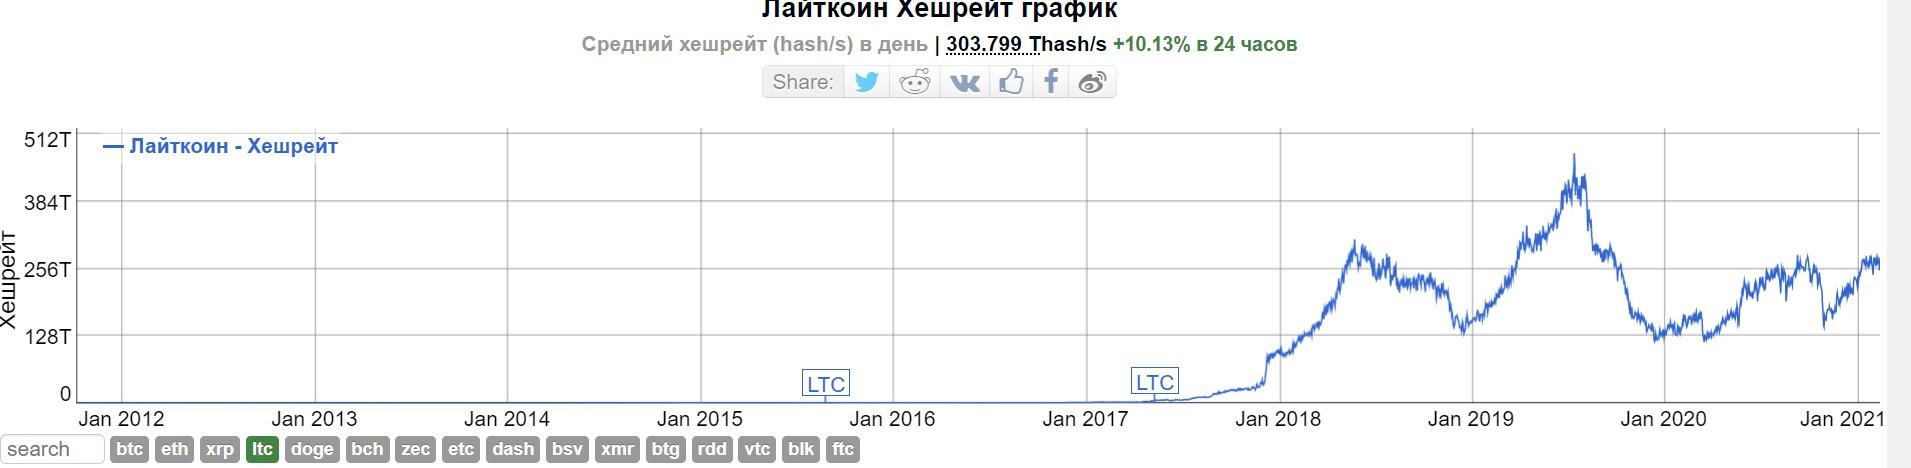 Лайткоин торгуется на самых высоких значениях с марта 2018 года